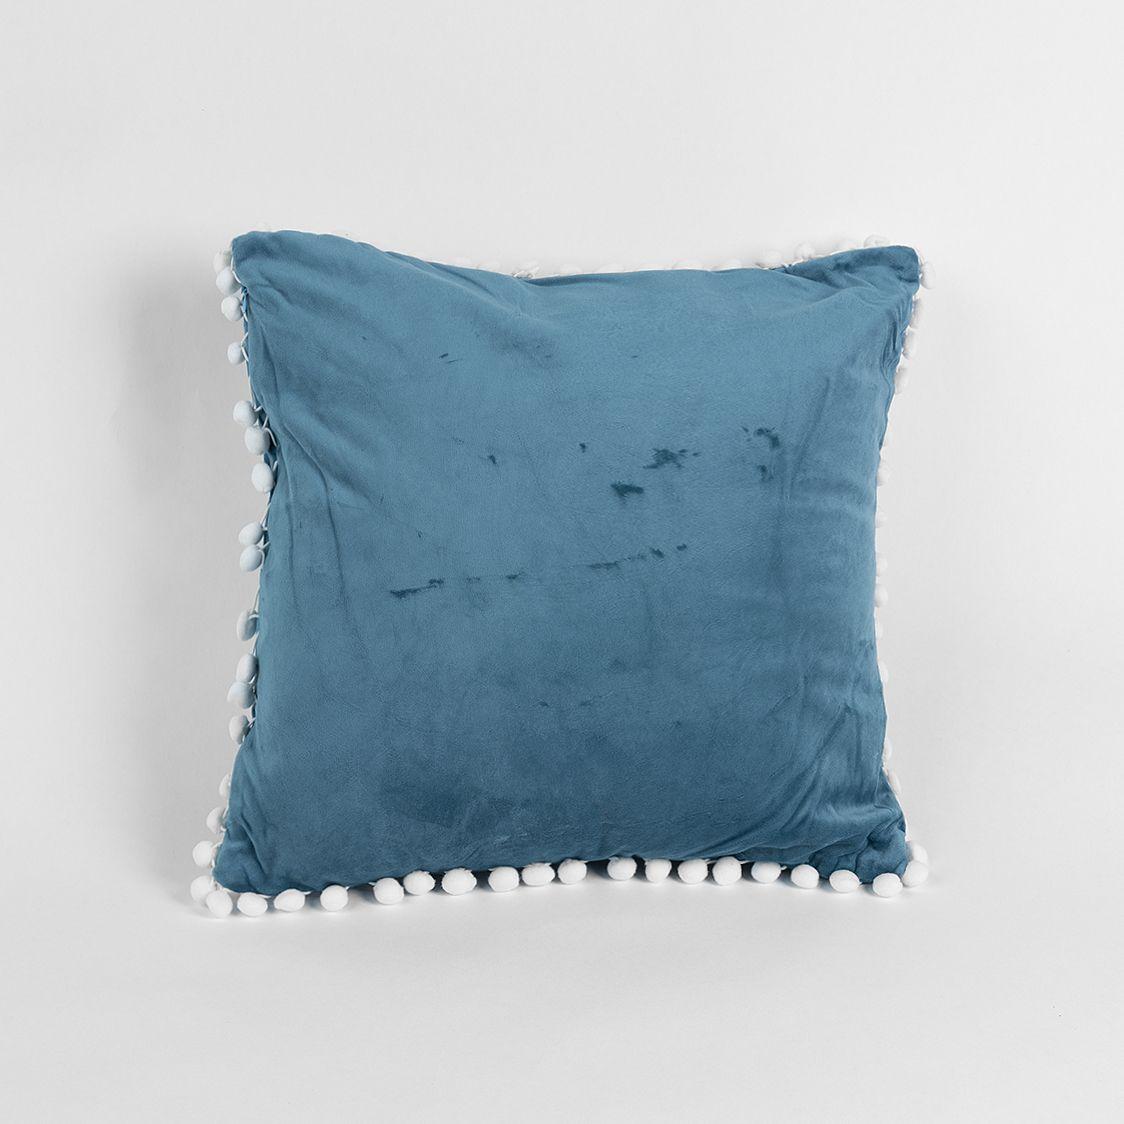 خدادية بحشوة مخملية لون تركواز Throw Pillows Pillows